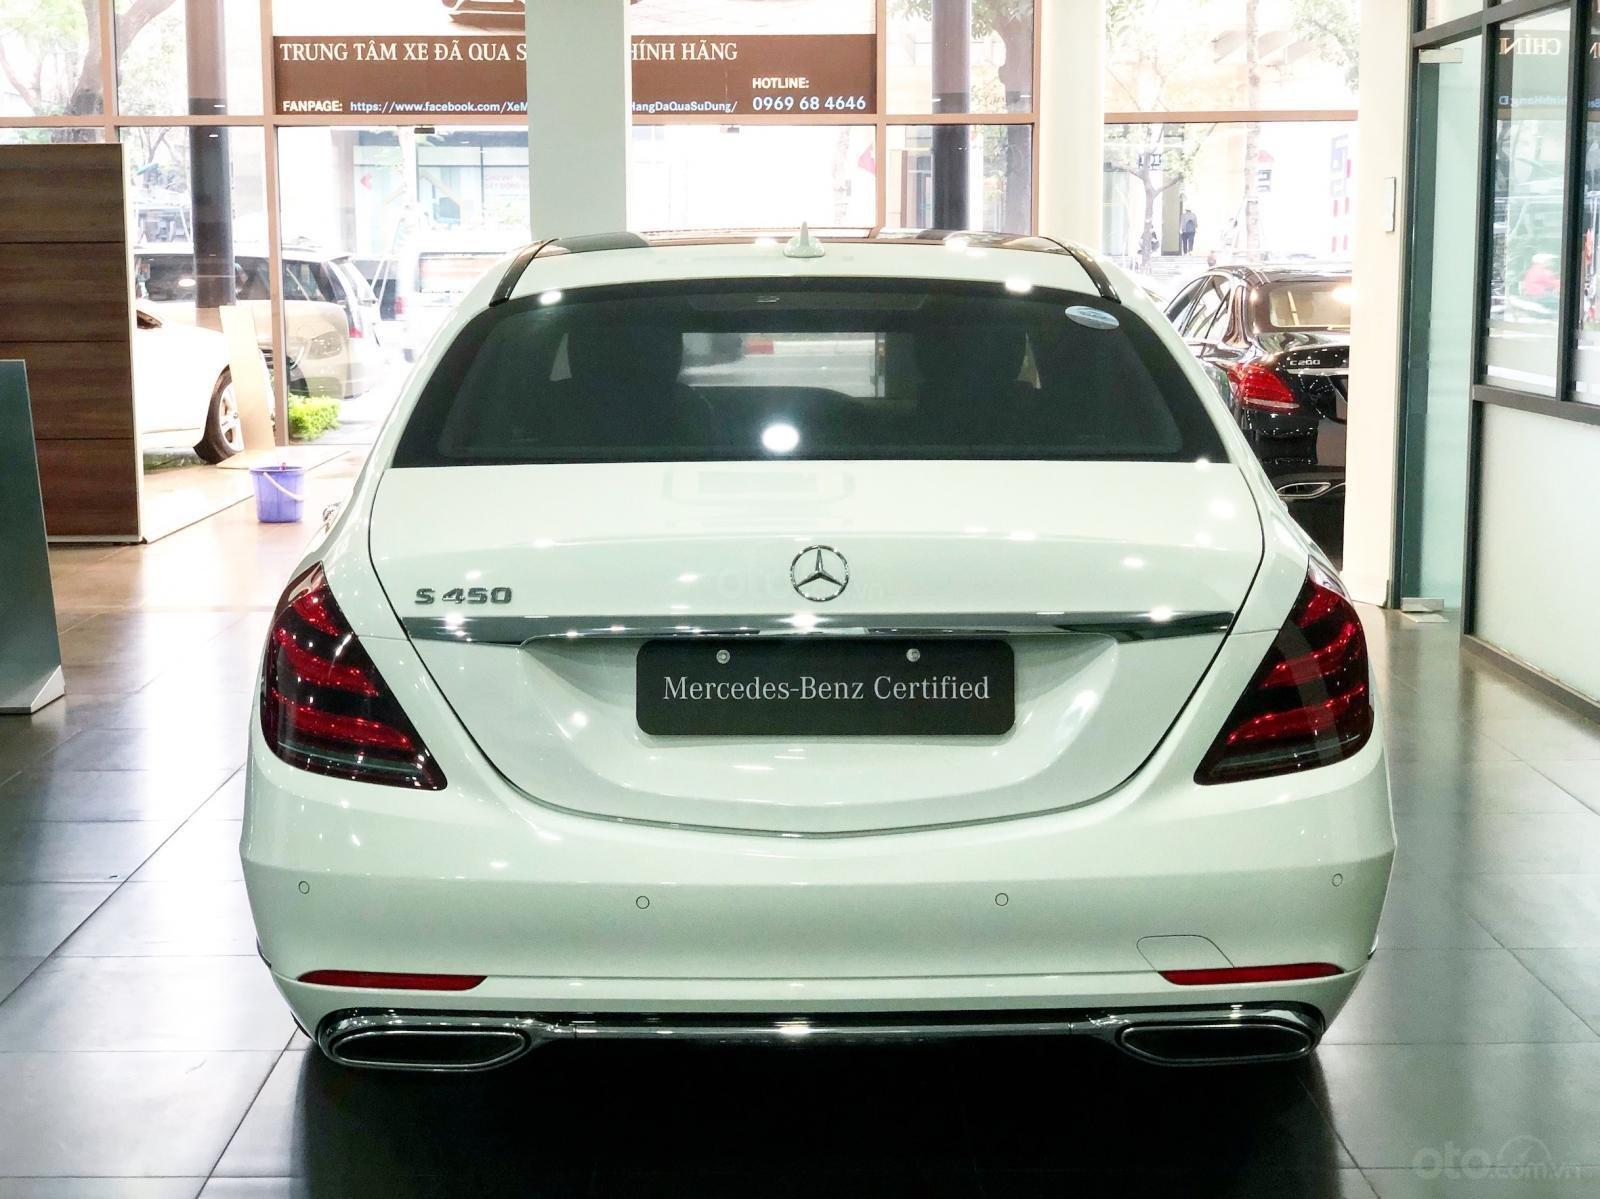 Bán Mercedes S450 2018 màu trắng - xe chính hãng đã qua sử dụng (7)